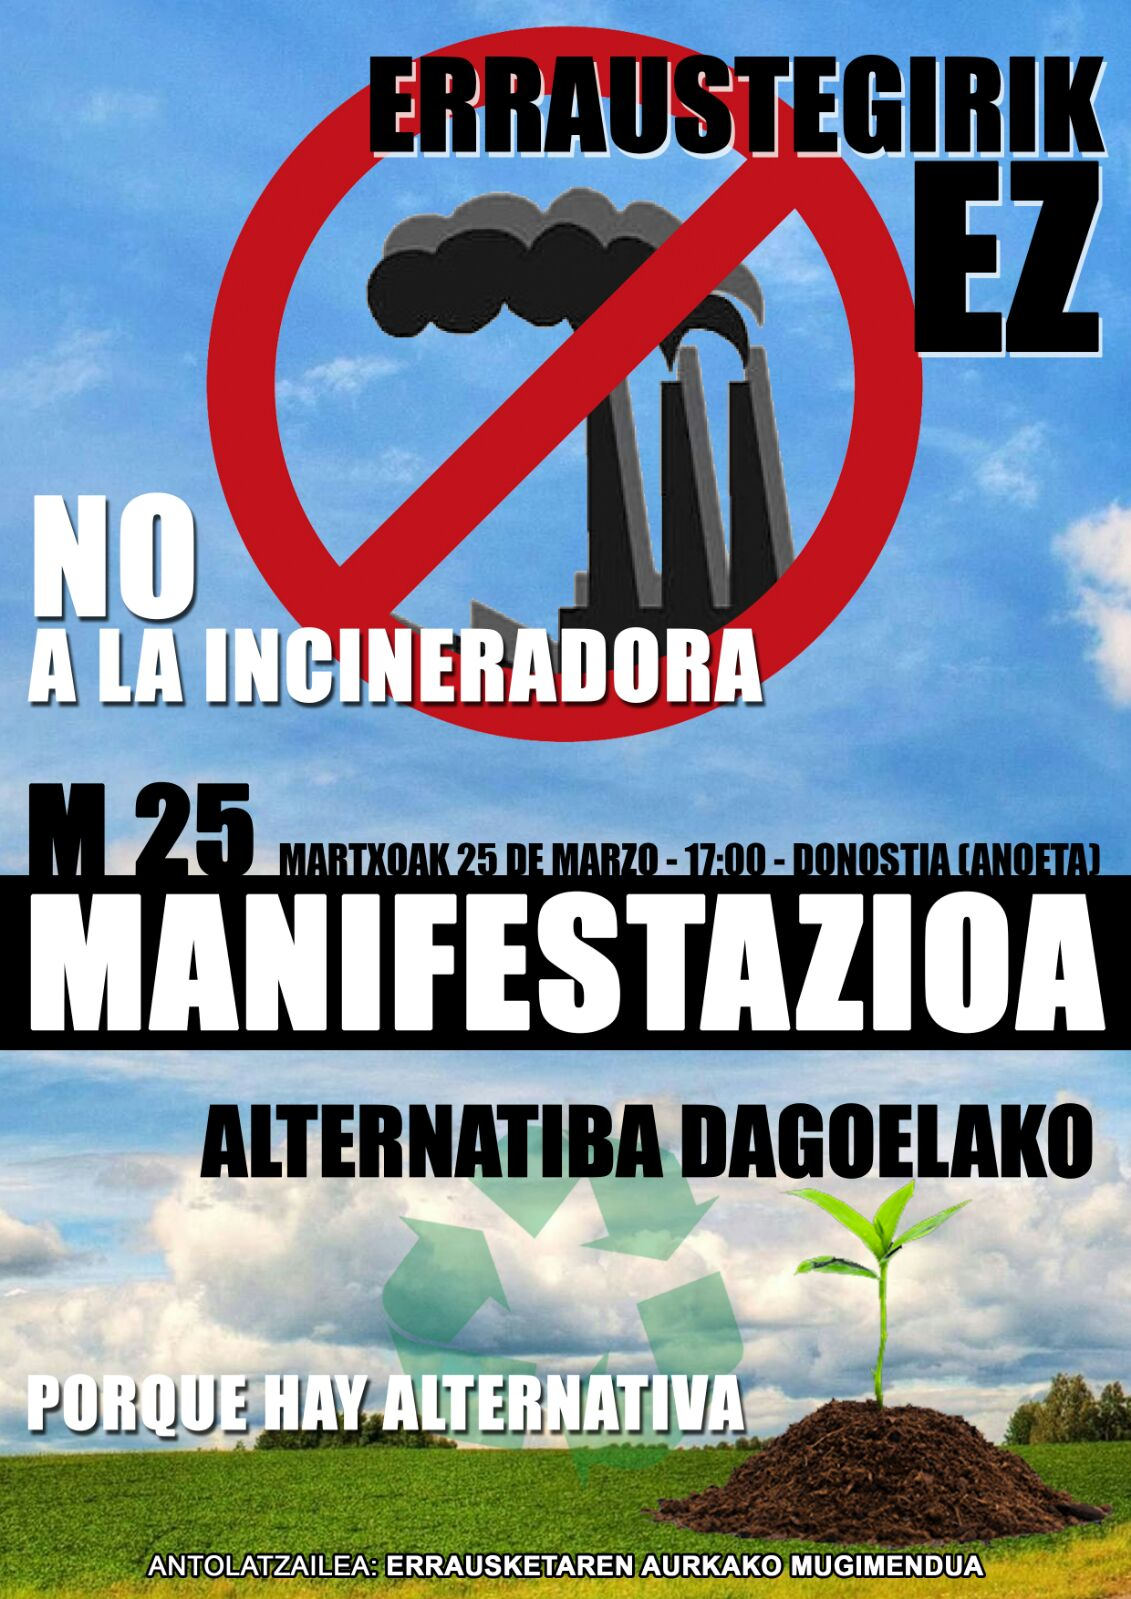 Alternatiba  dagoelako  martxoaren  25ean  errausketari  EZ!